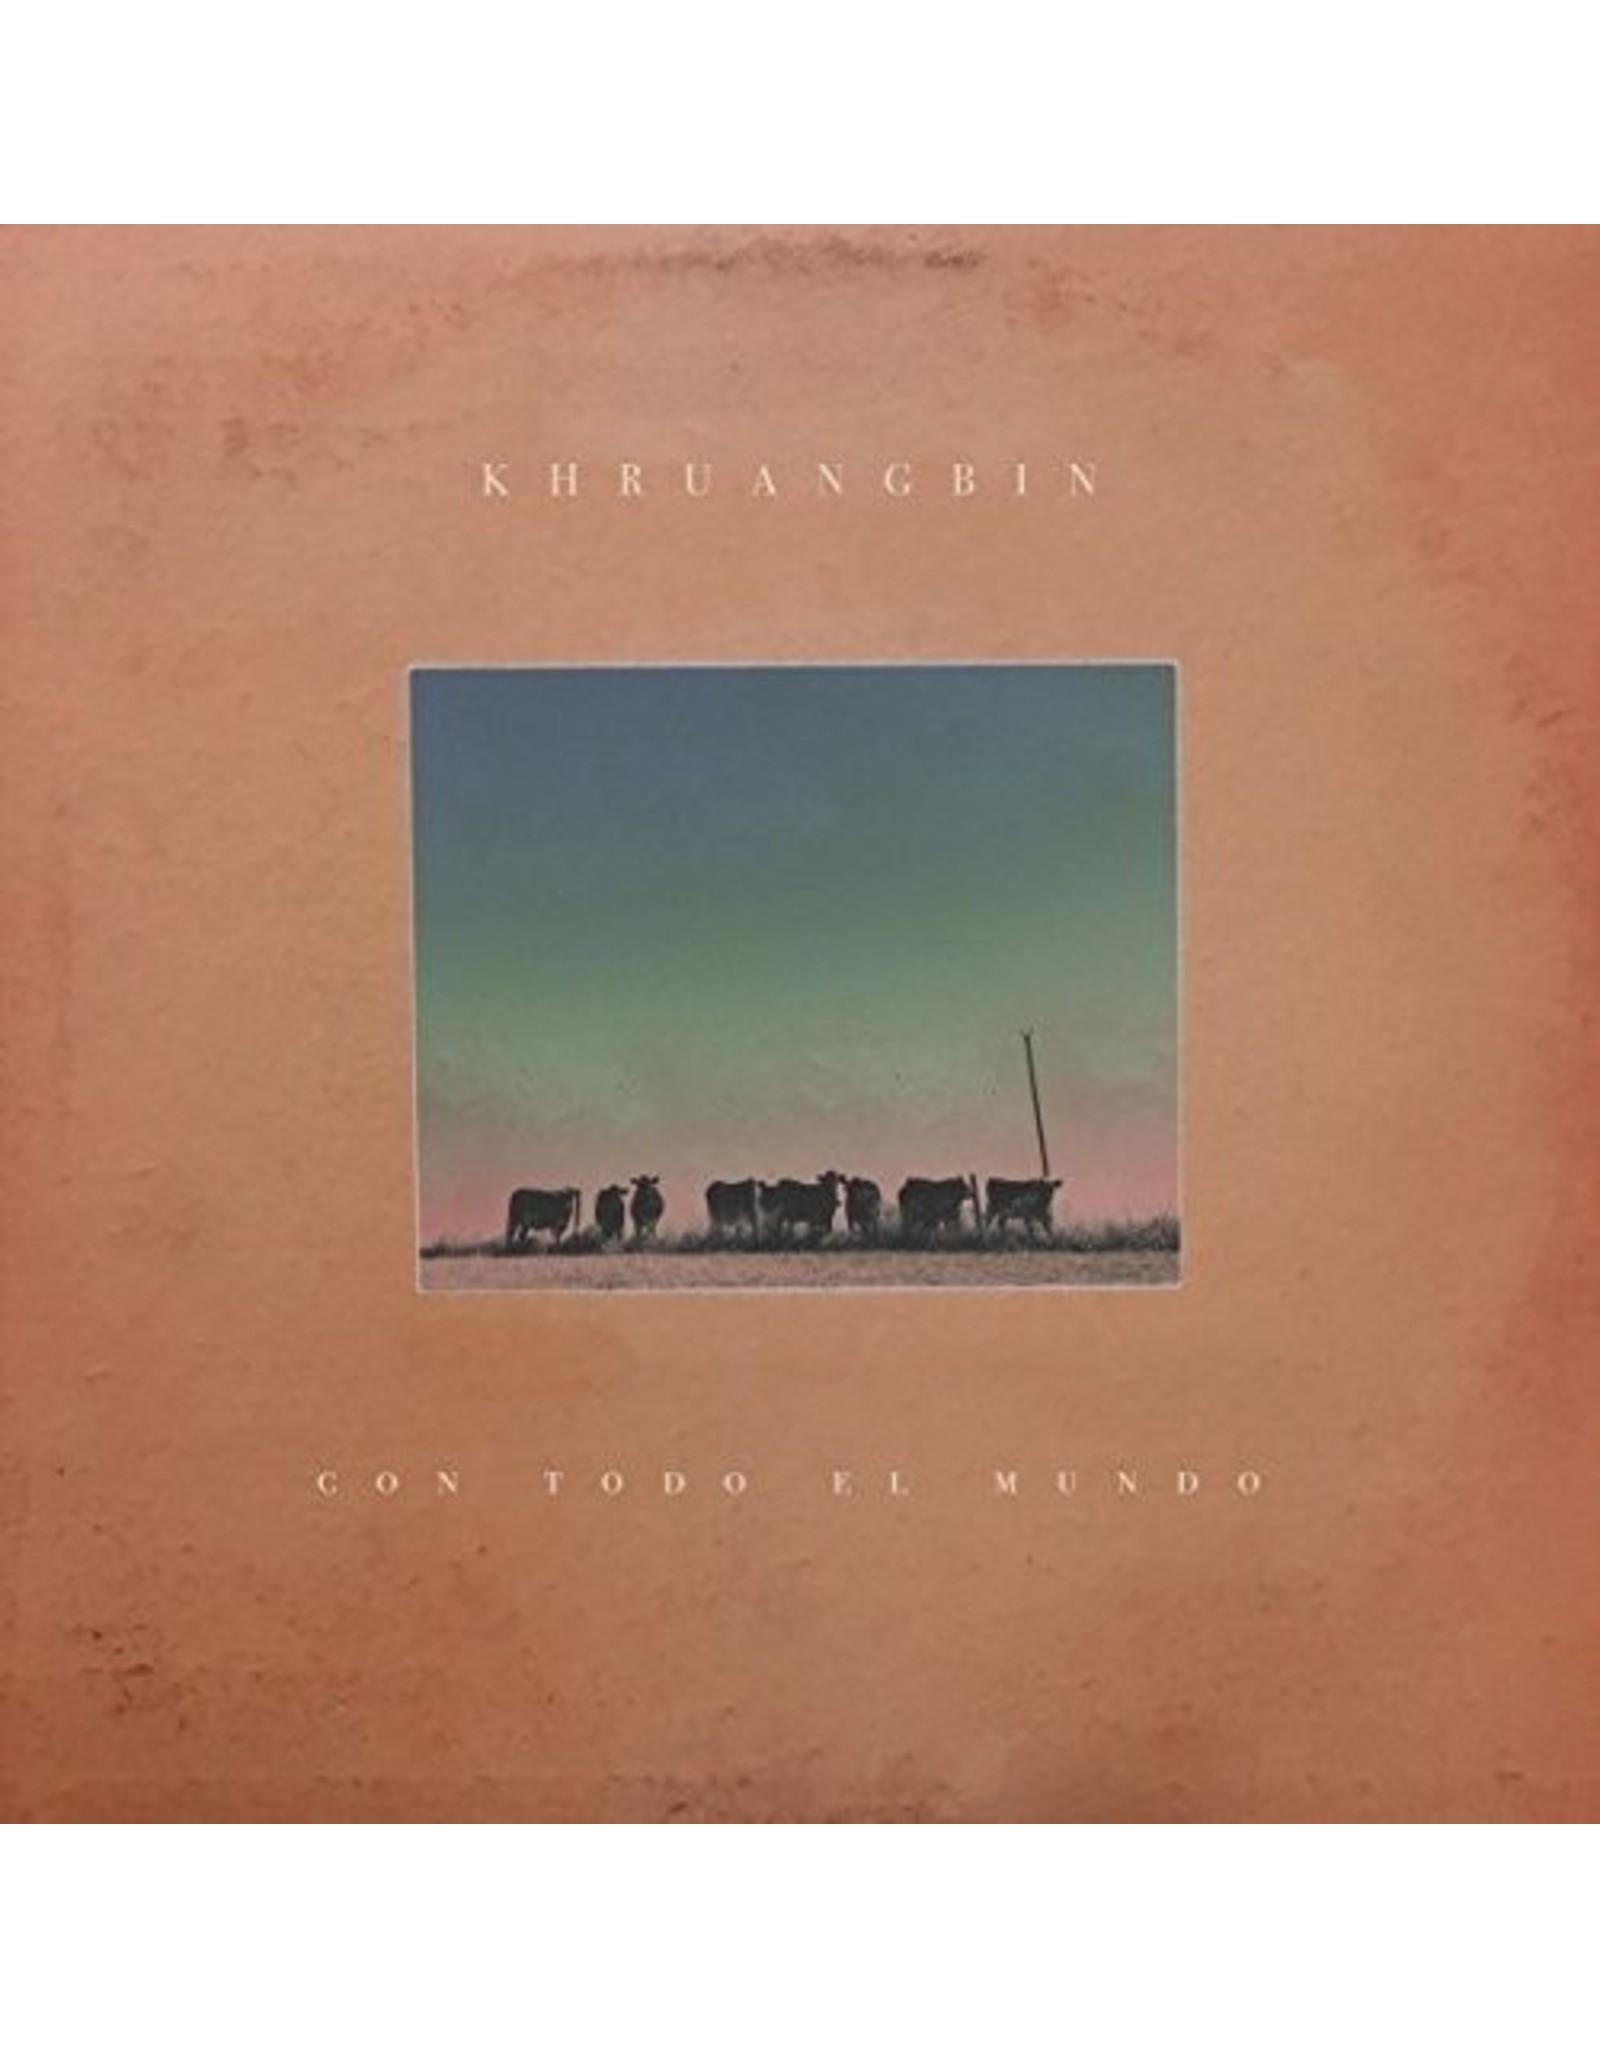 New Vinyl Khruangbin - Con Todo El Mundo LP